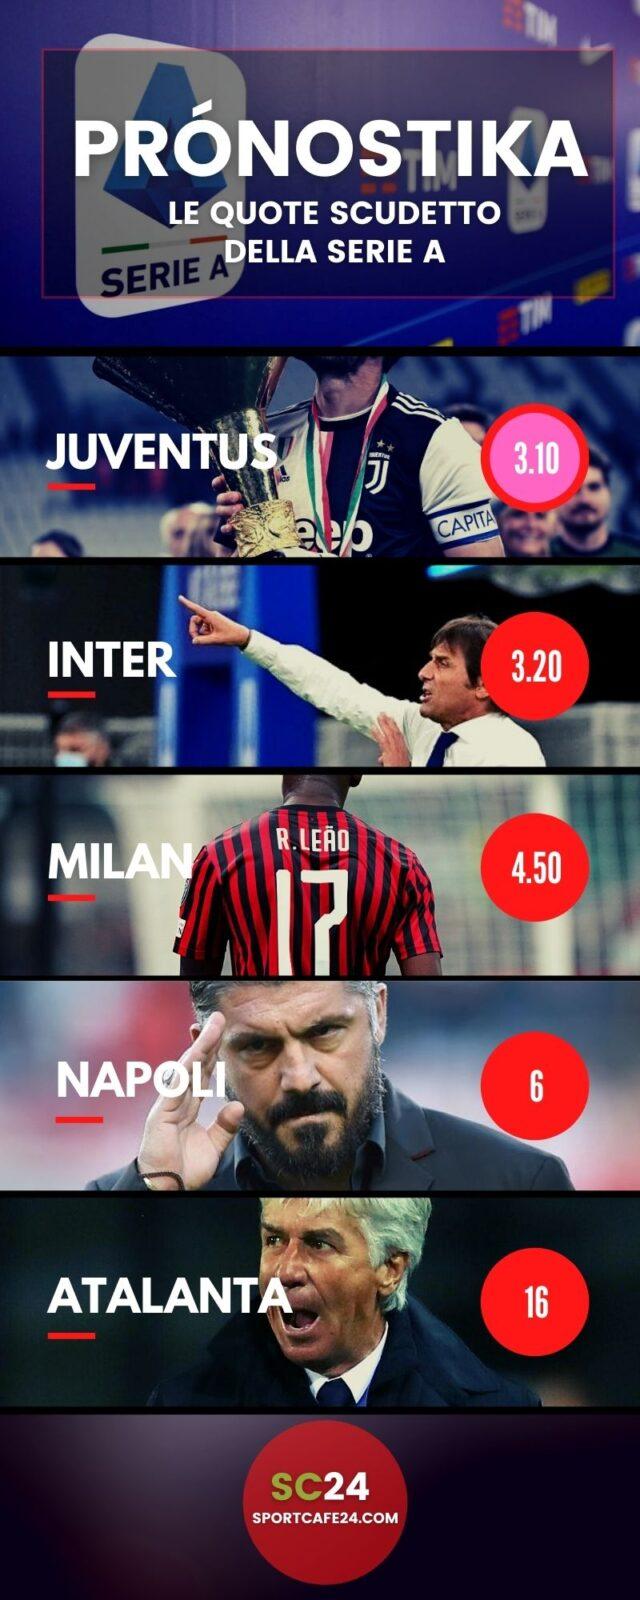 Quote Scudetto Serie A dopo le prime 9 giornate della Serie A